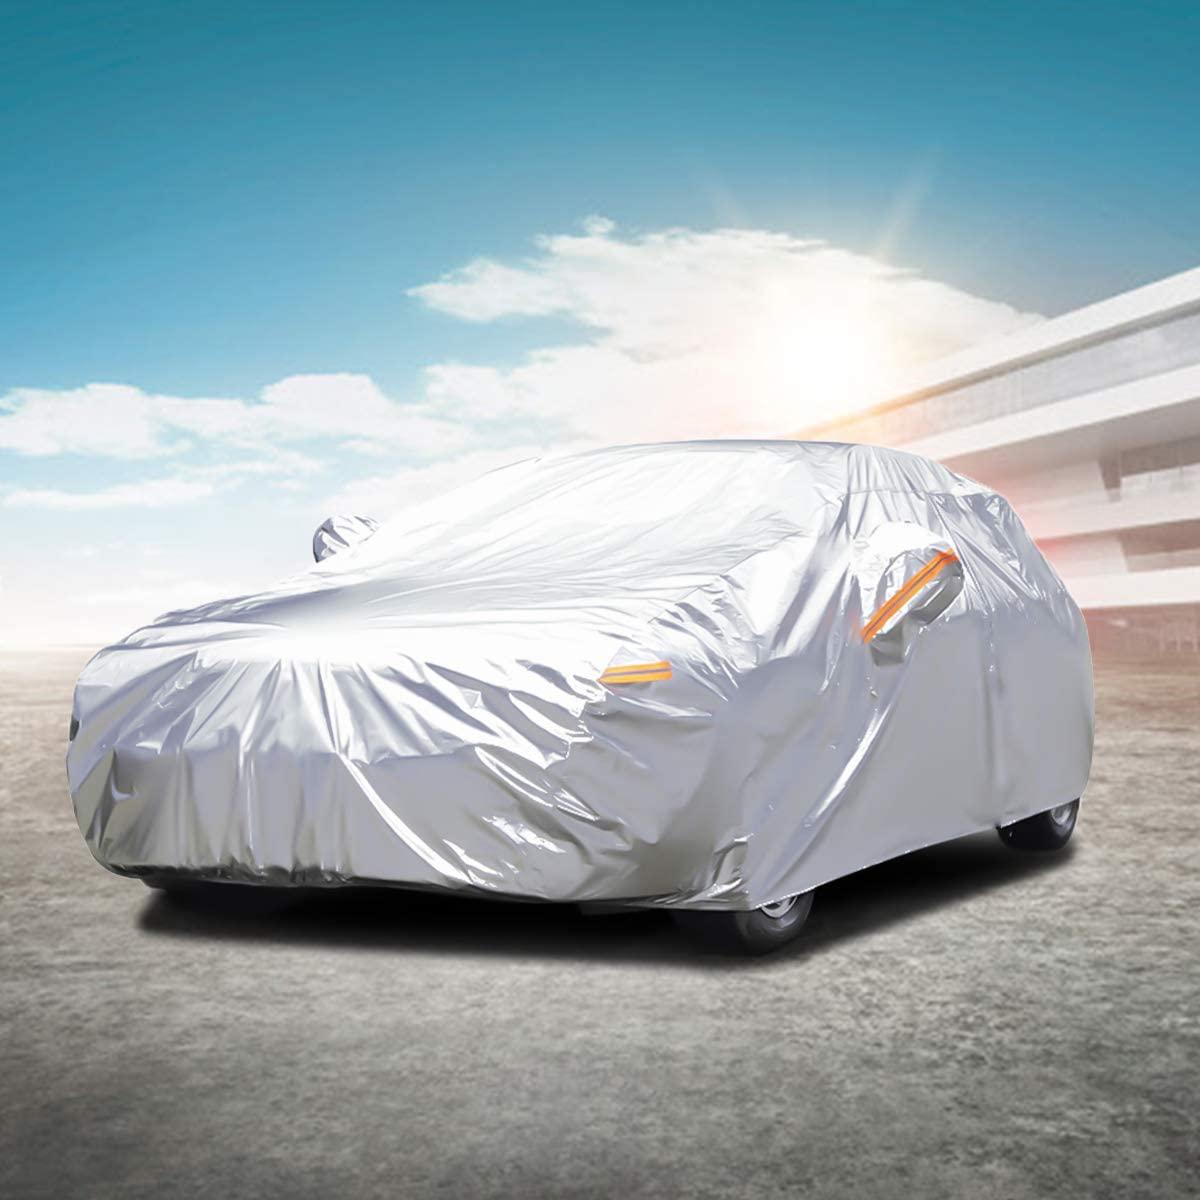 Высококачественный изготовленный на заказ дешевый полный Корпус Водонепроницаемый Автоматический чехол для кузова автомобиля